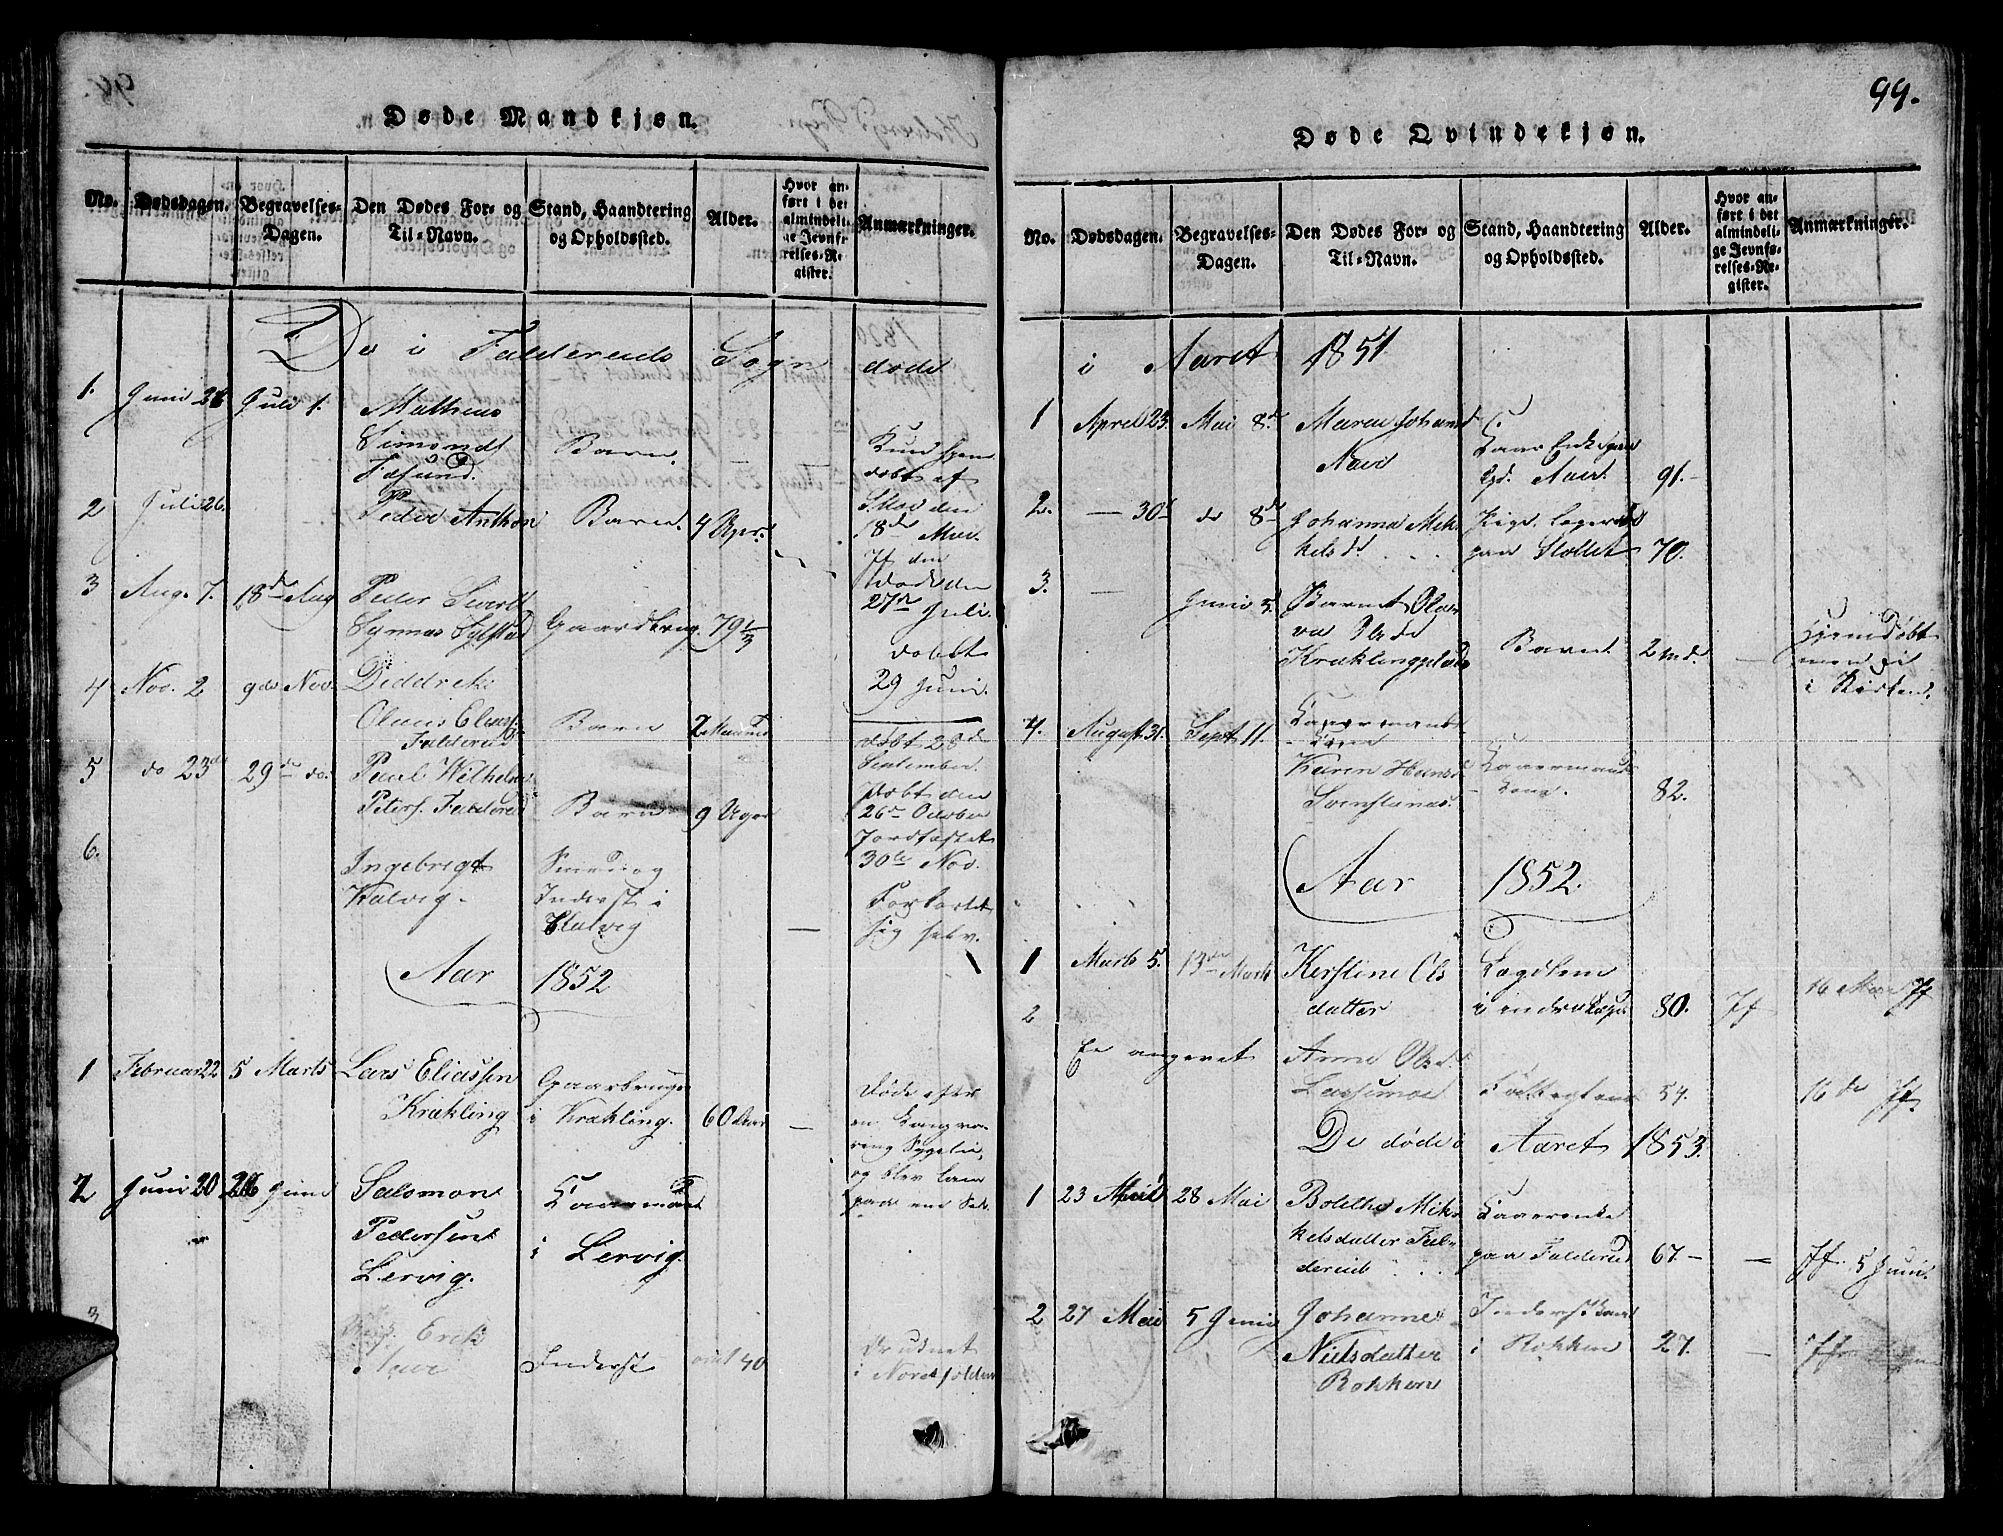 SAT, Ministerialprotokoller, klokkerbøker og fødselsregistre - Nord-Trøndelag, 780/L0648: Klokkerbok nr. 780C01 /3, 1815-1877, s. 99